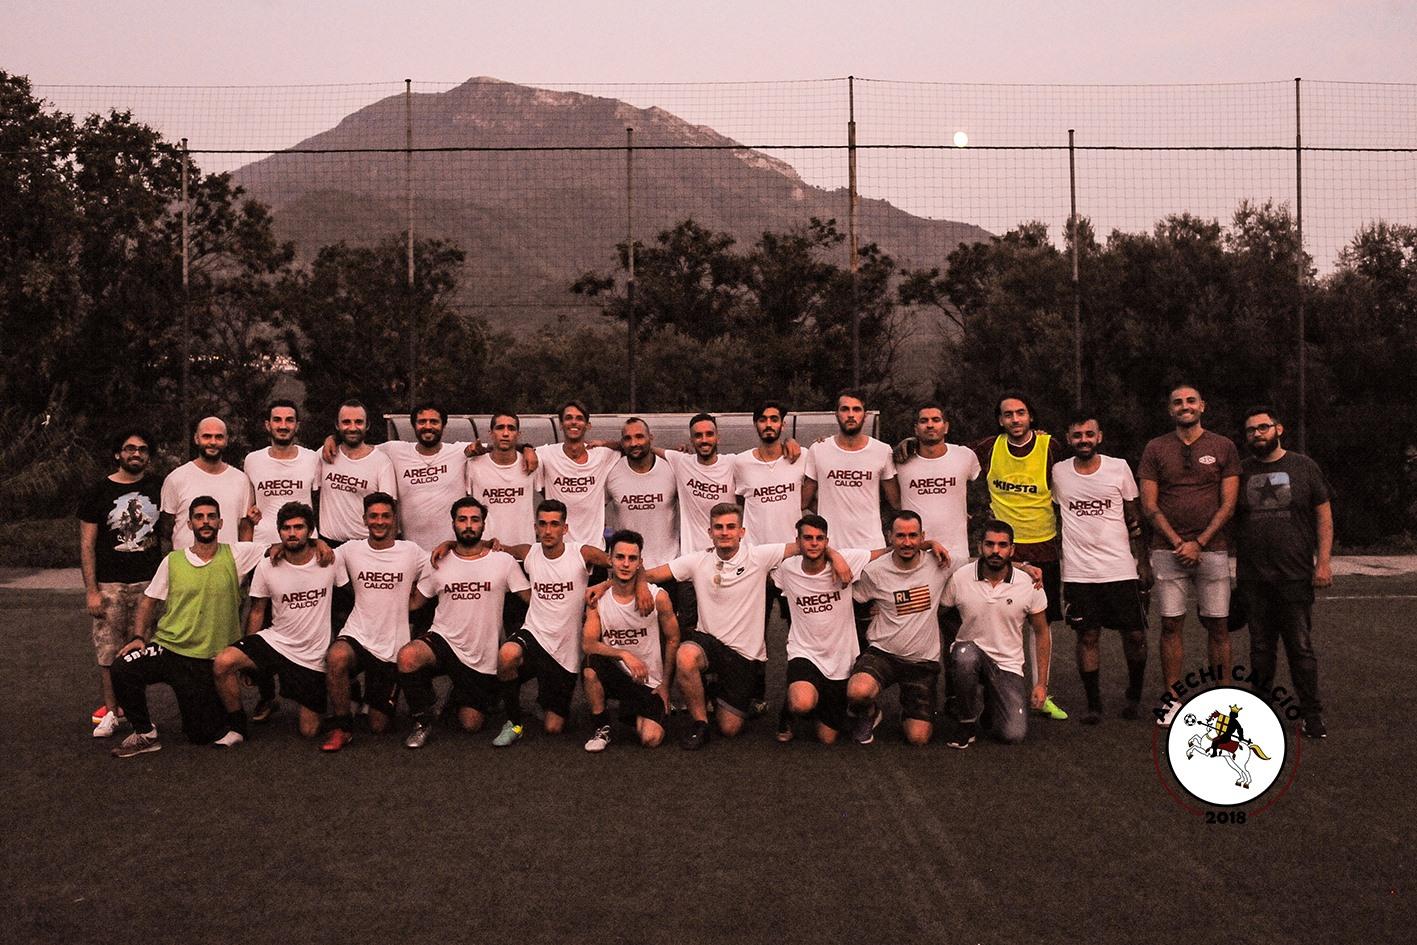 Arechi Calcio: lo sport tra identità e integrazione